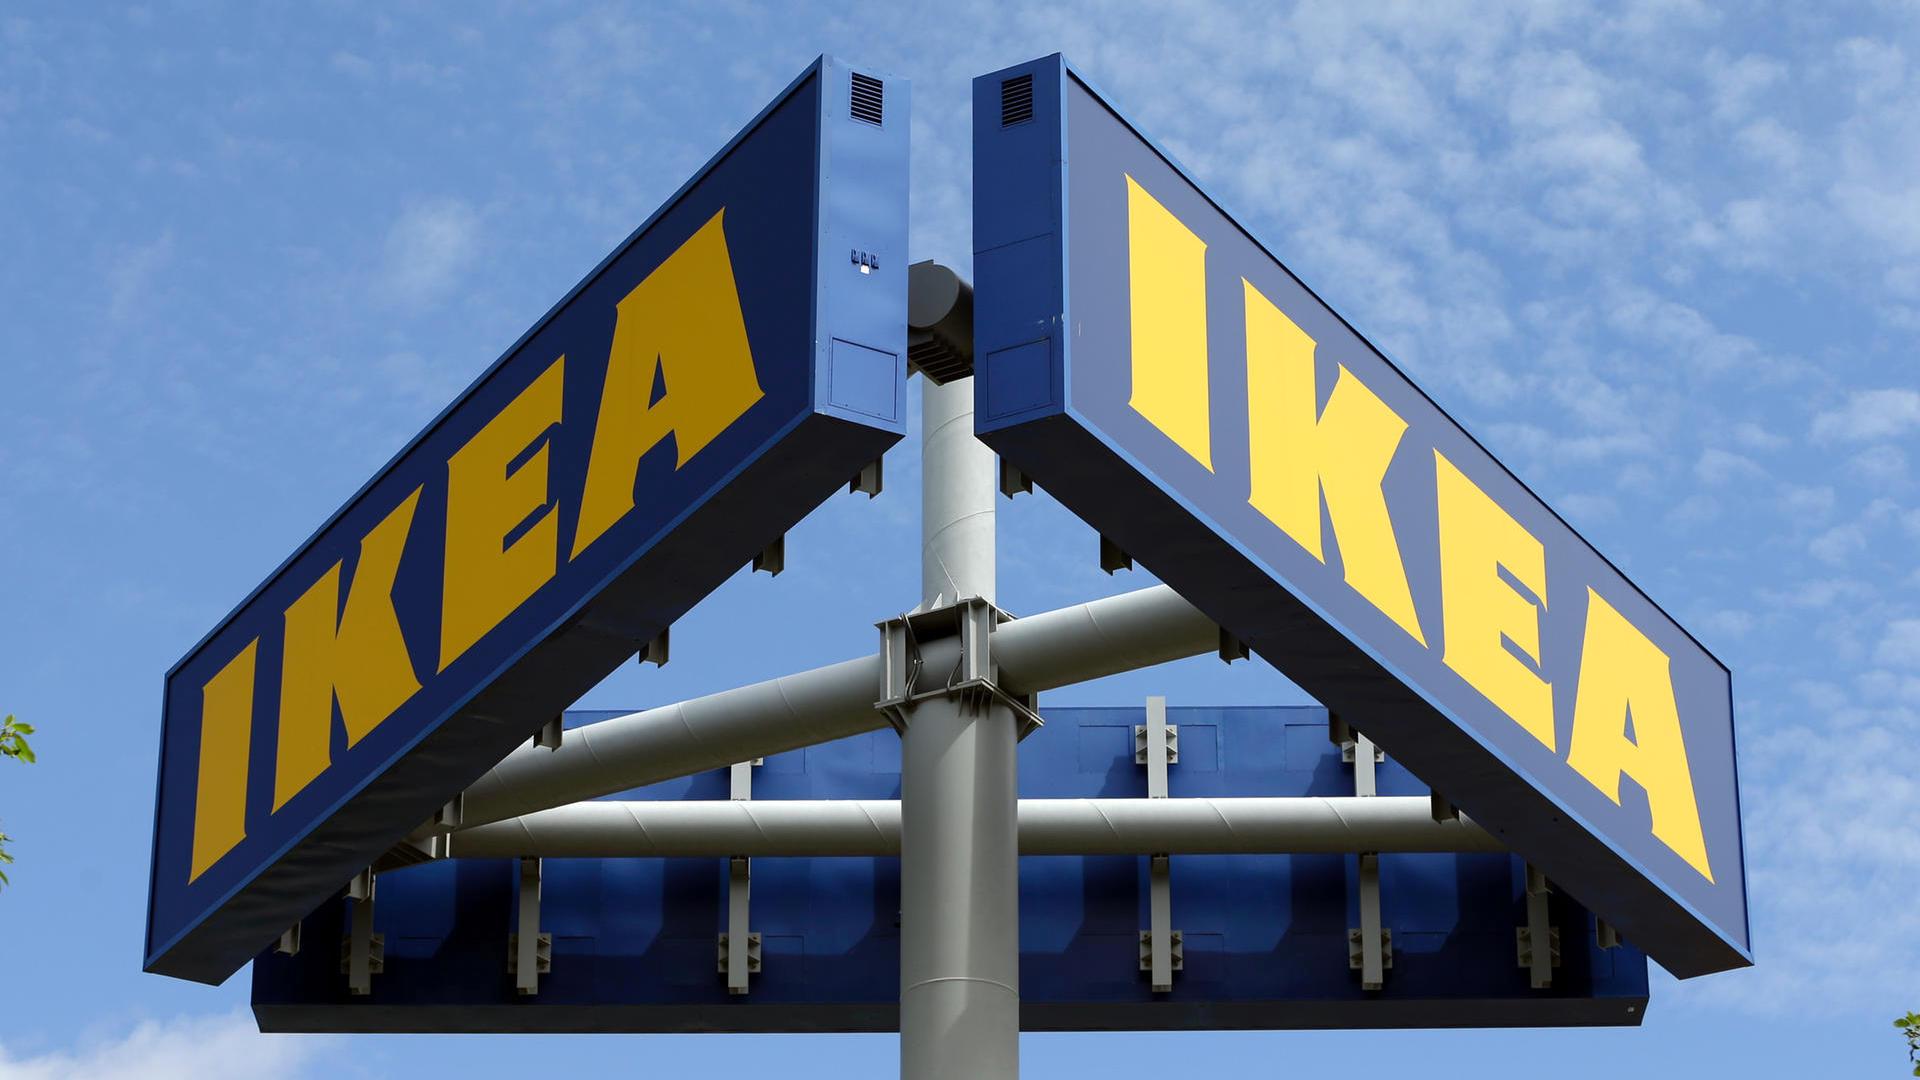 Das IKEA Logo in blau-gelb